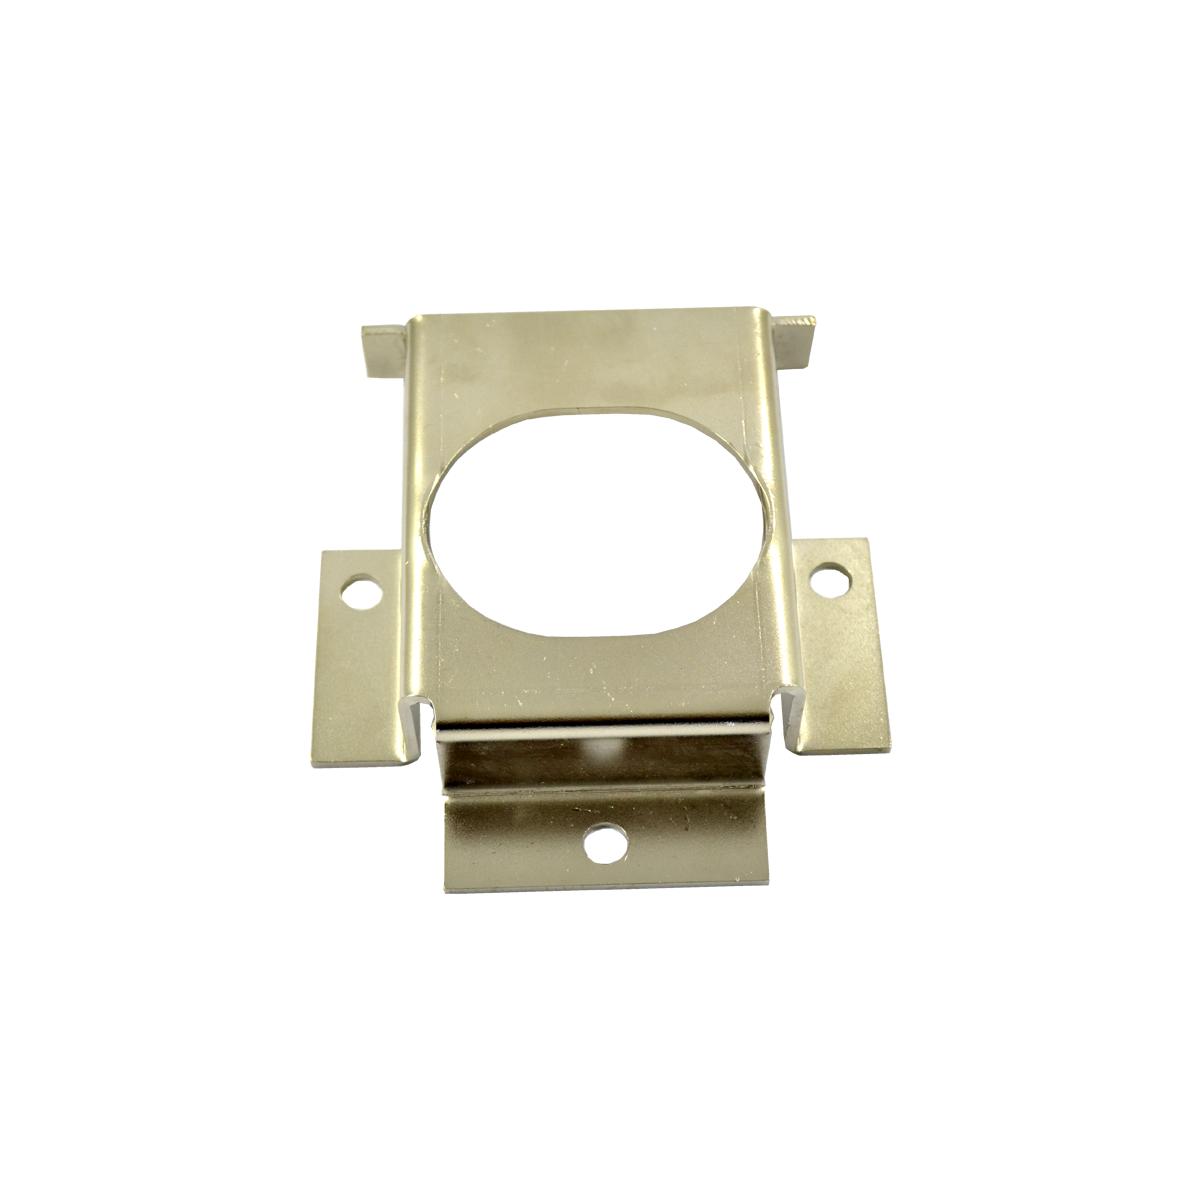 000-022-788 Cushion Support Box